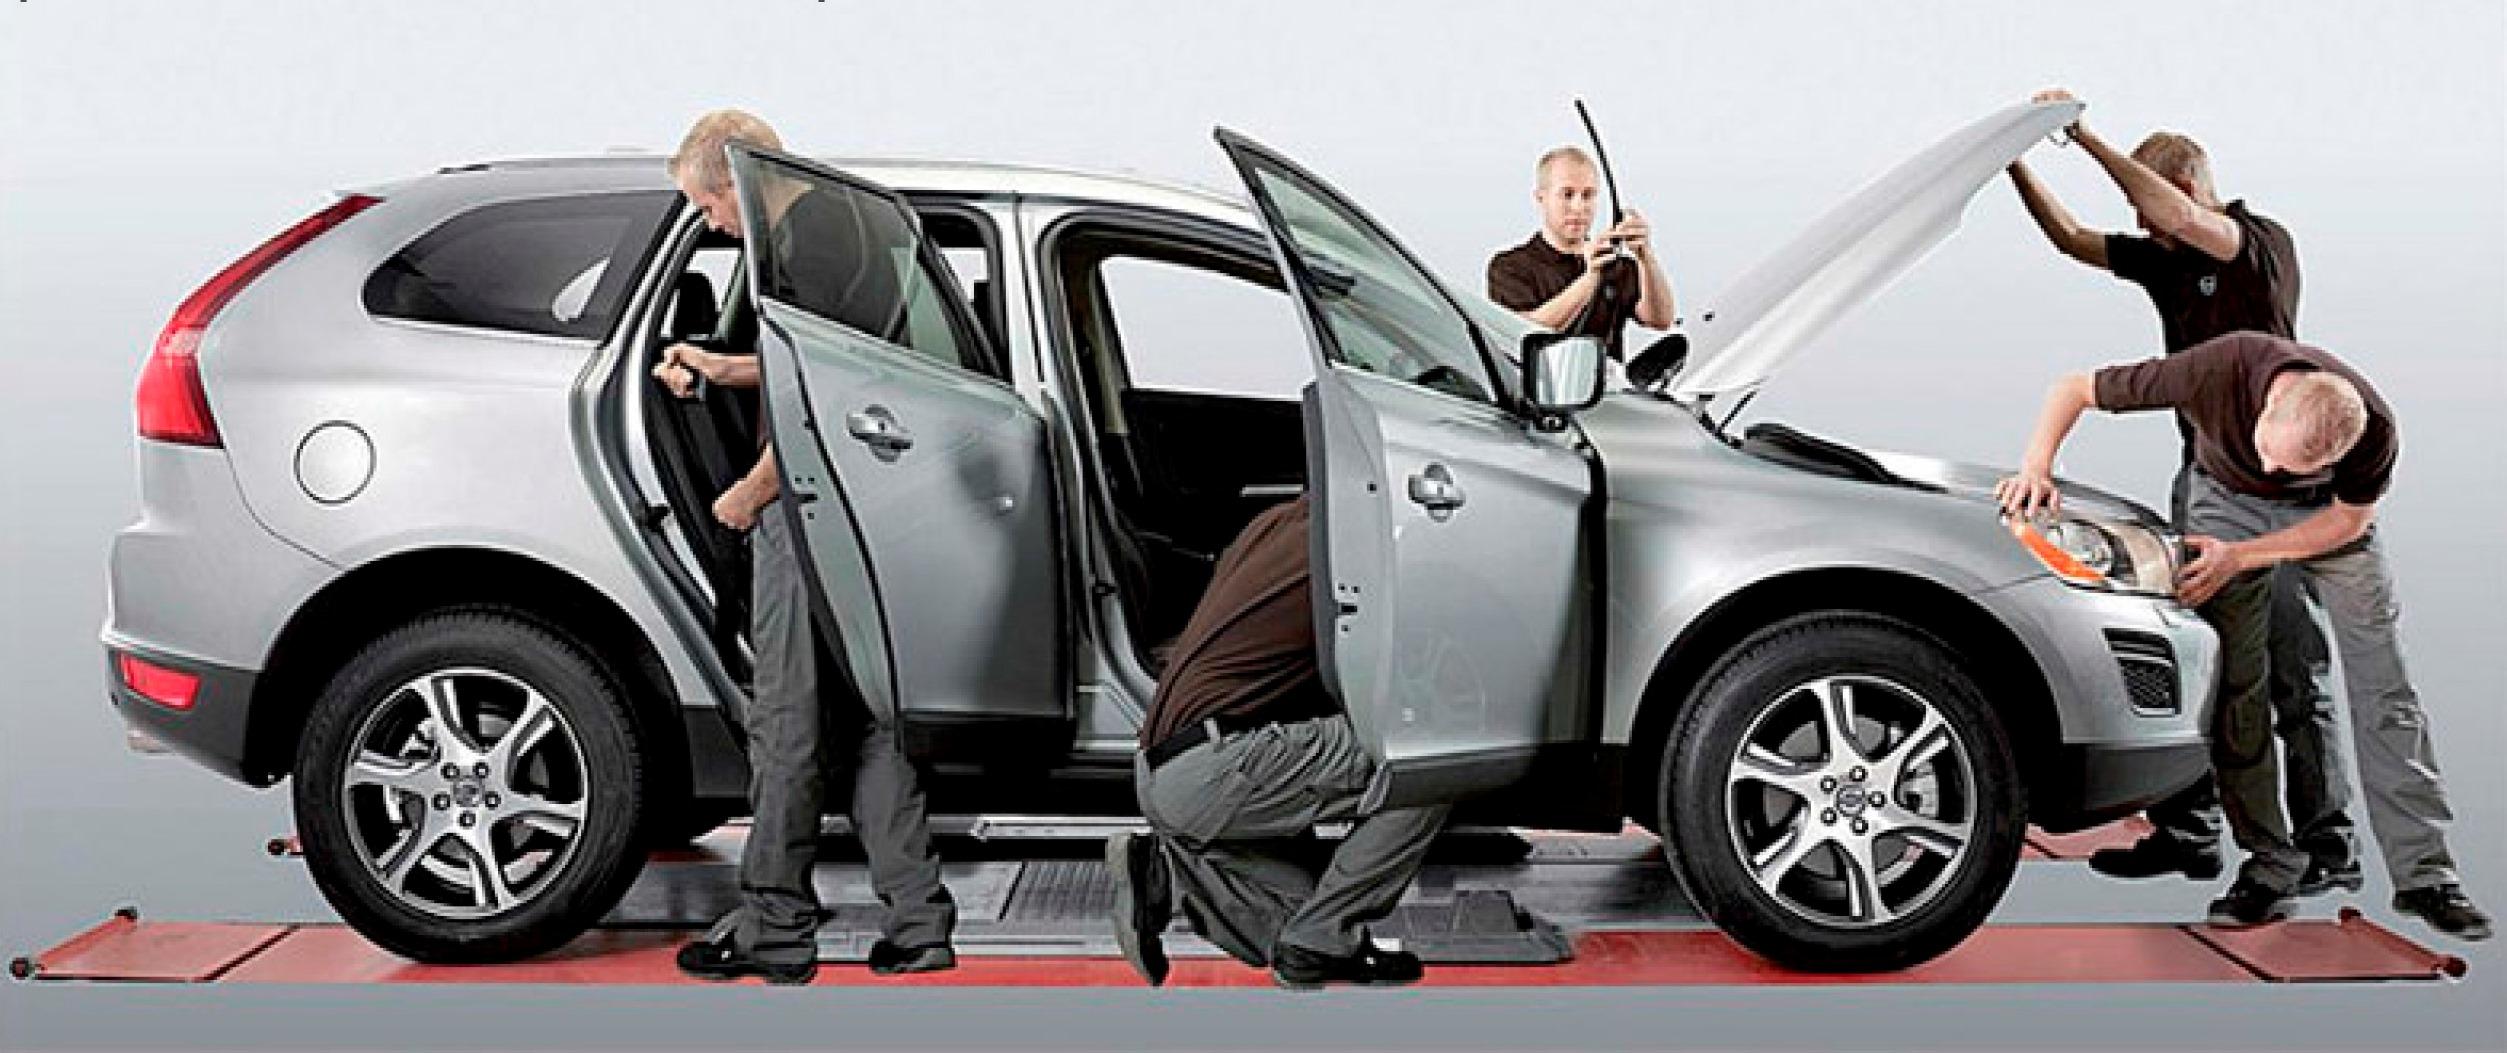 Техническое обслуживание автомобиля в Минске